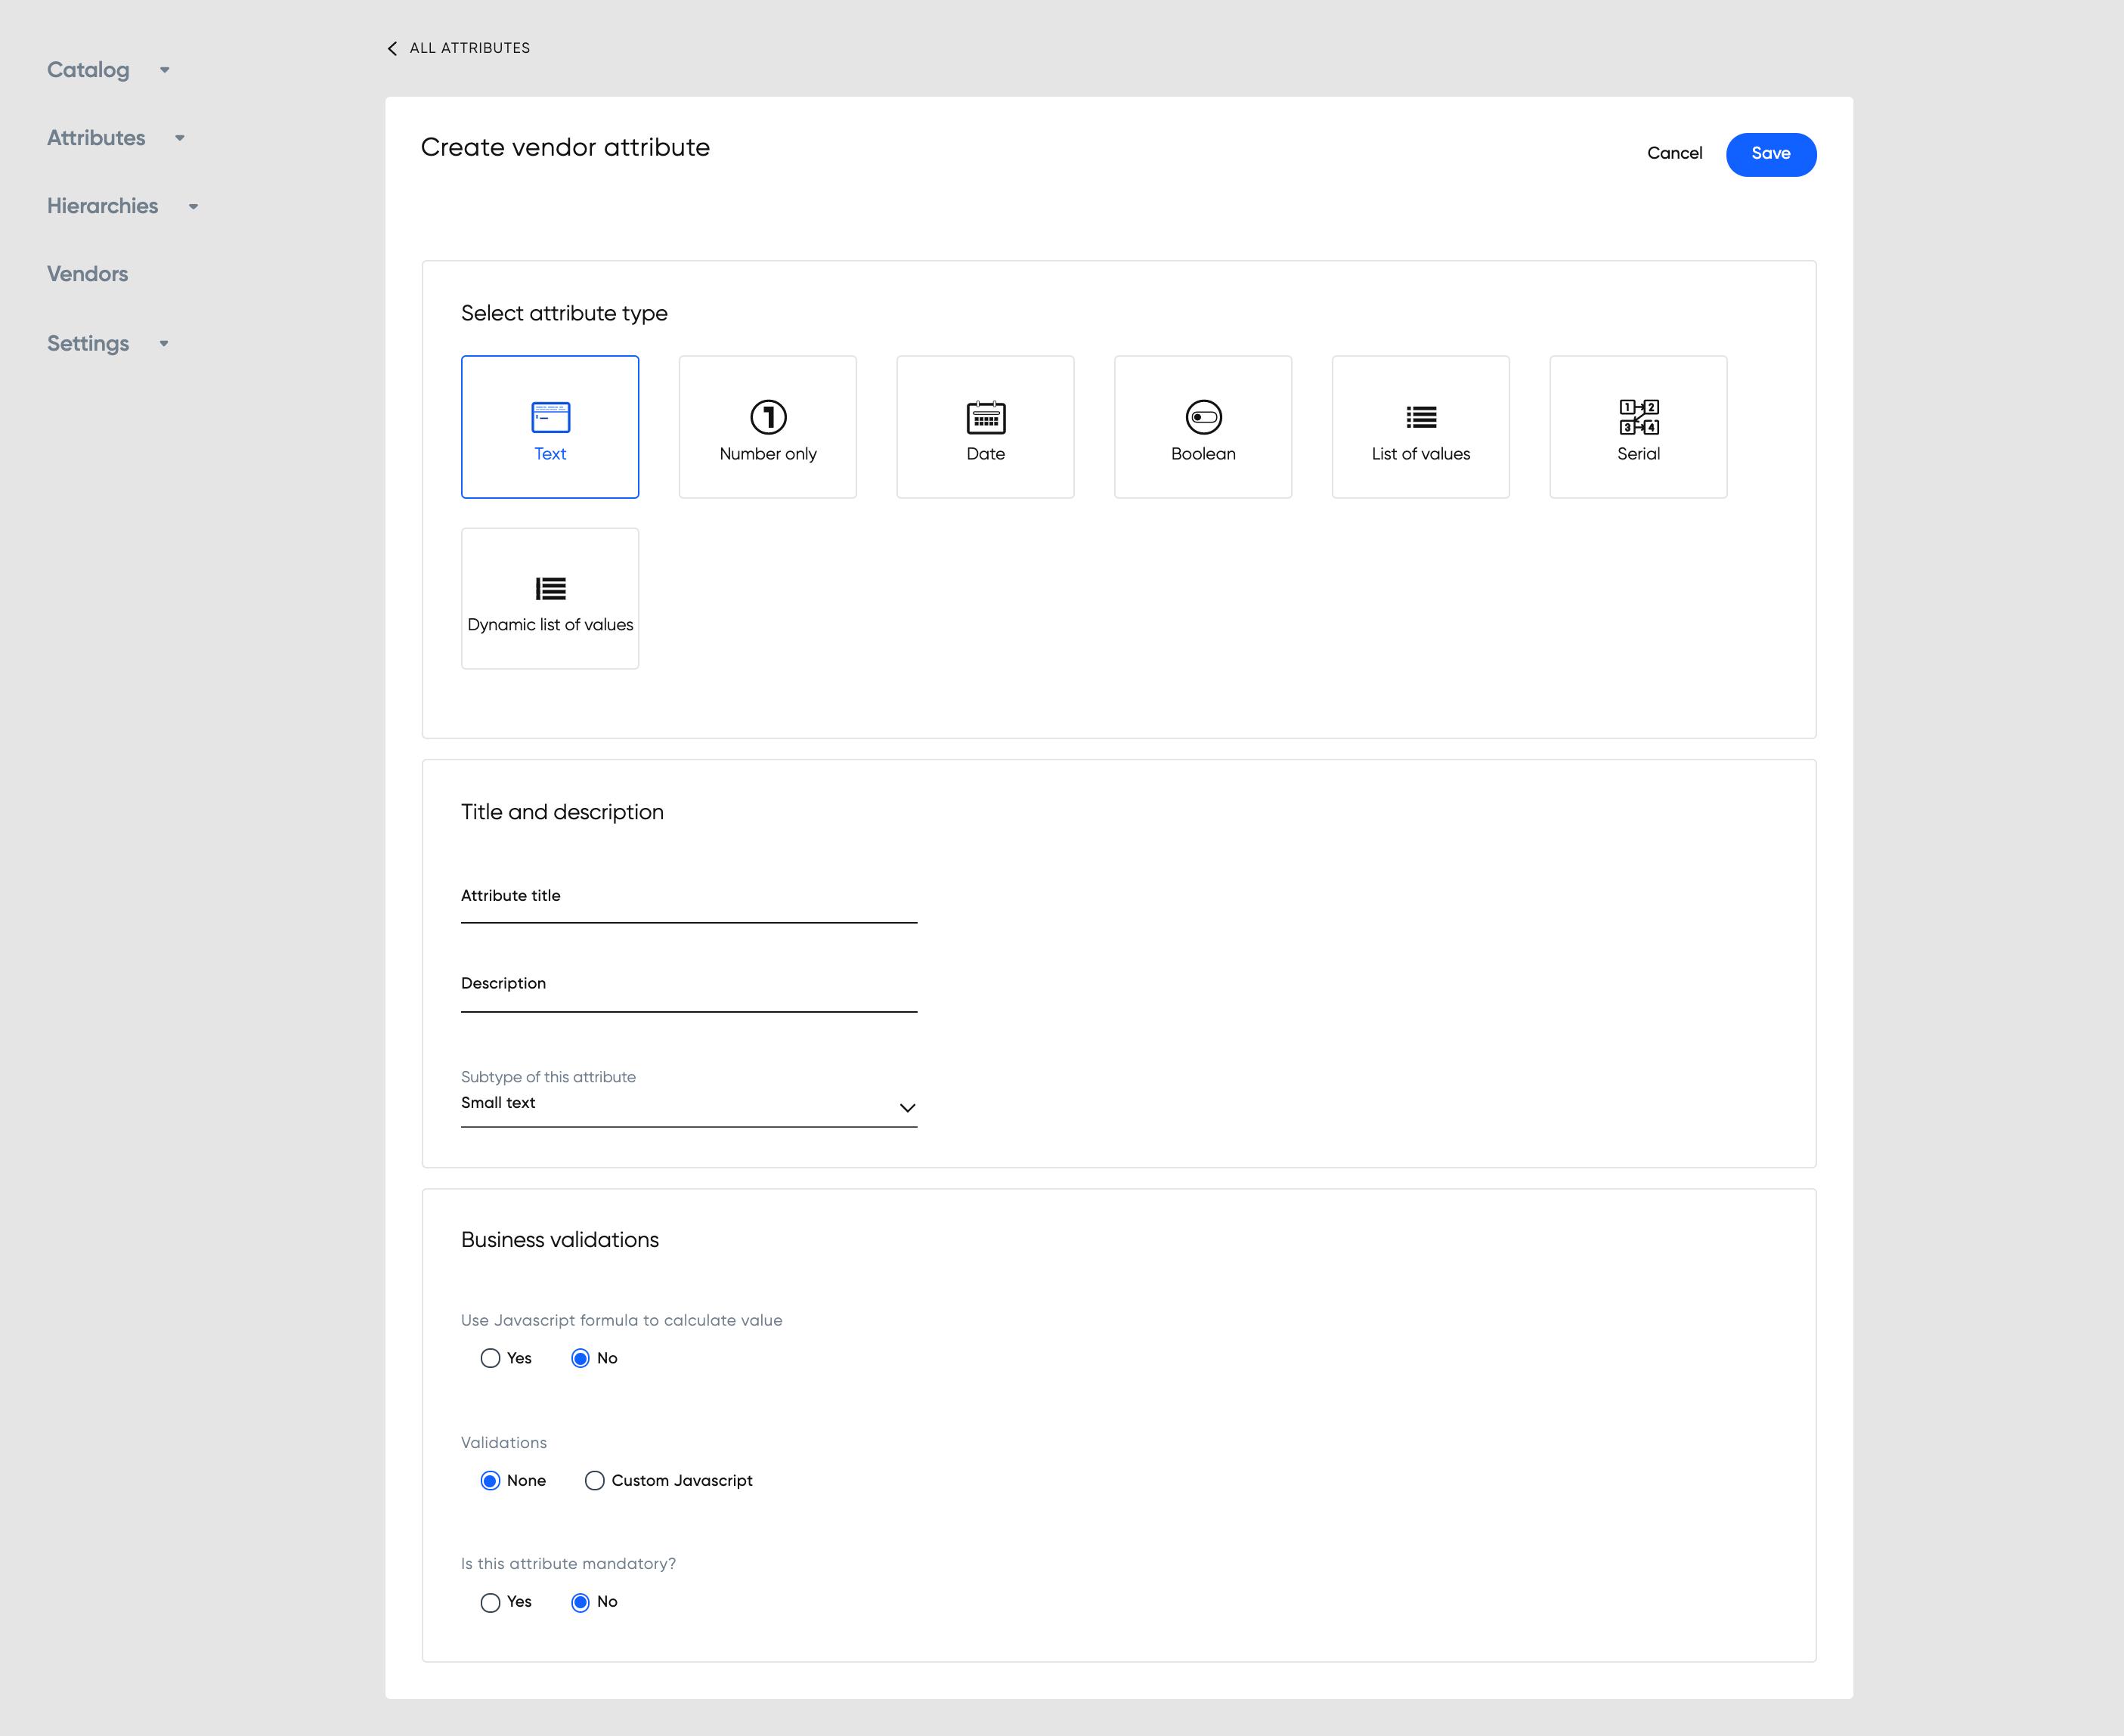 Create vendor attribute page